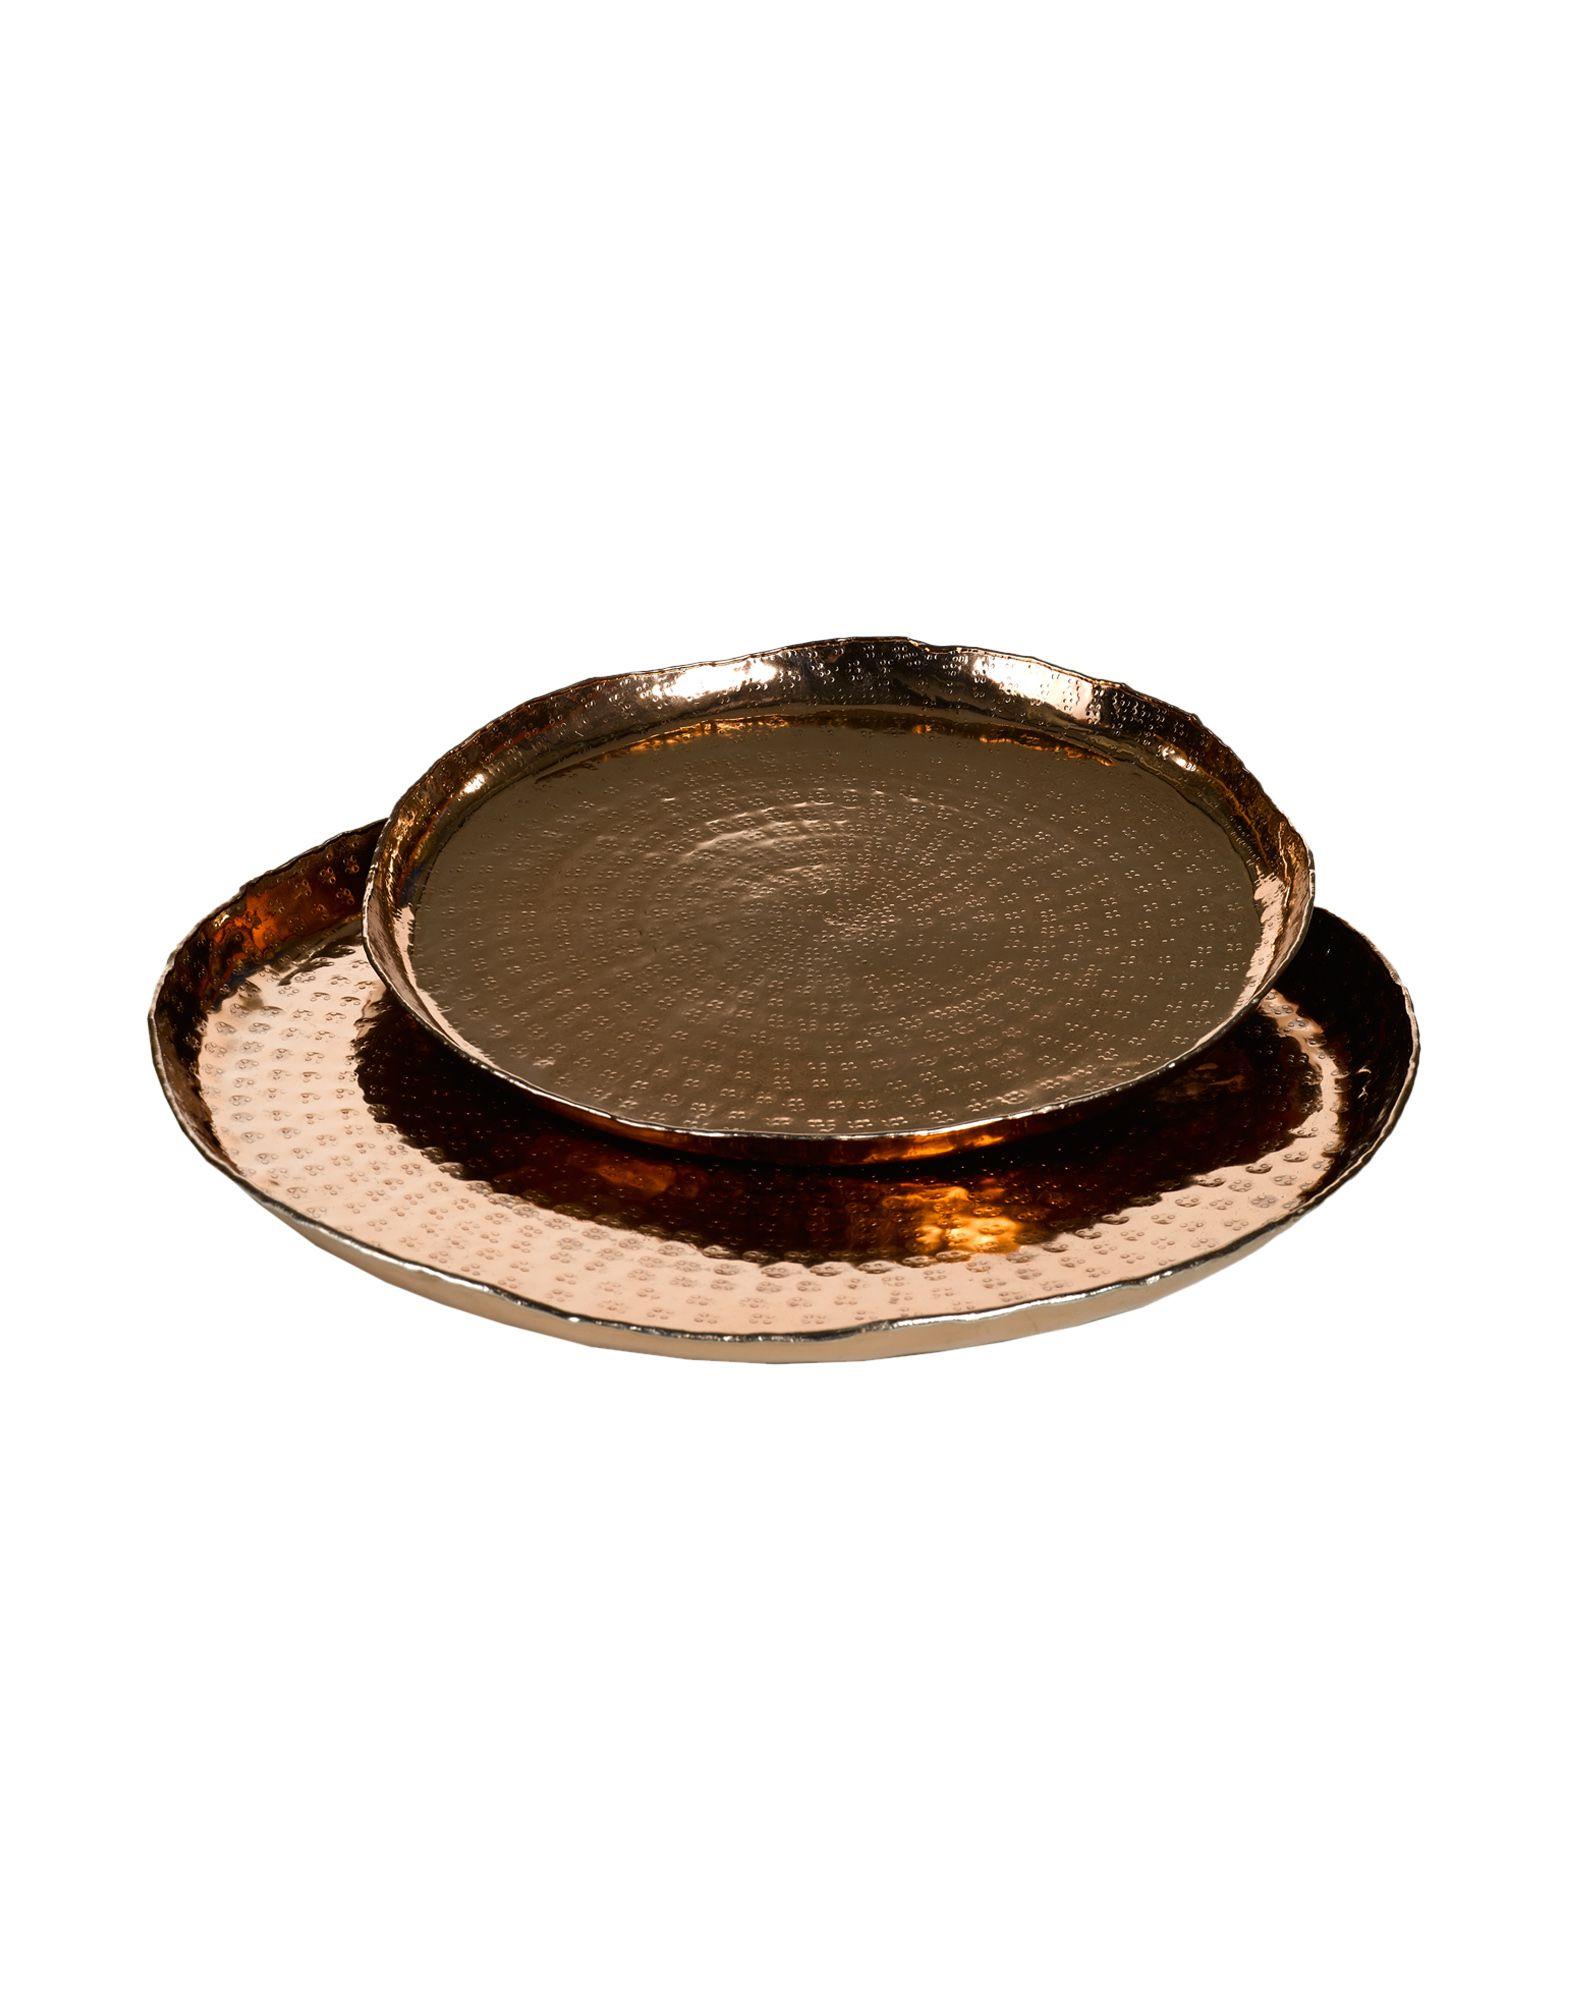 POLS POTTEN Украшение для стола pols potten подсвечник